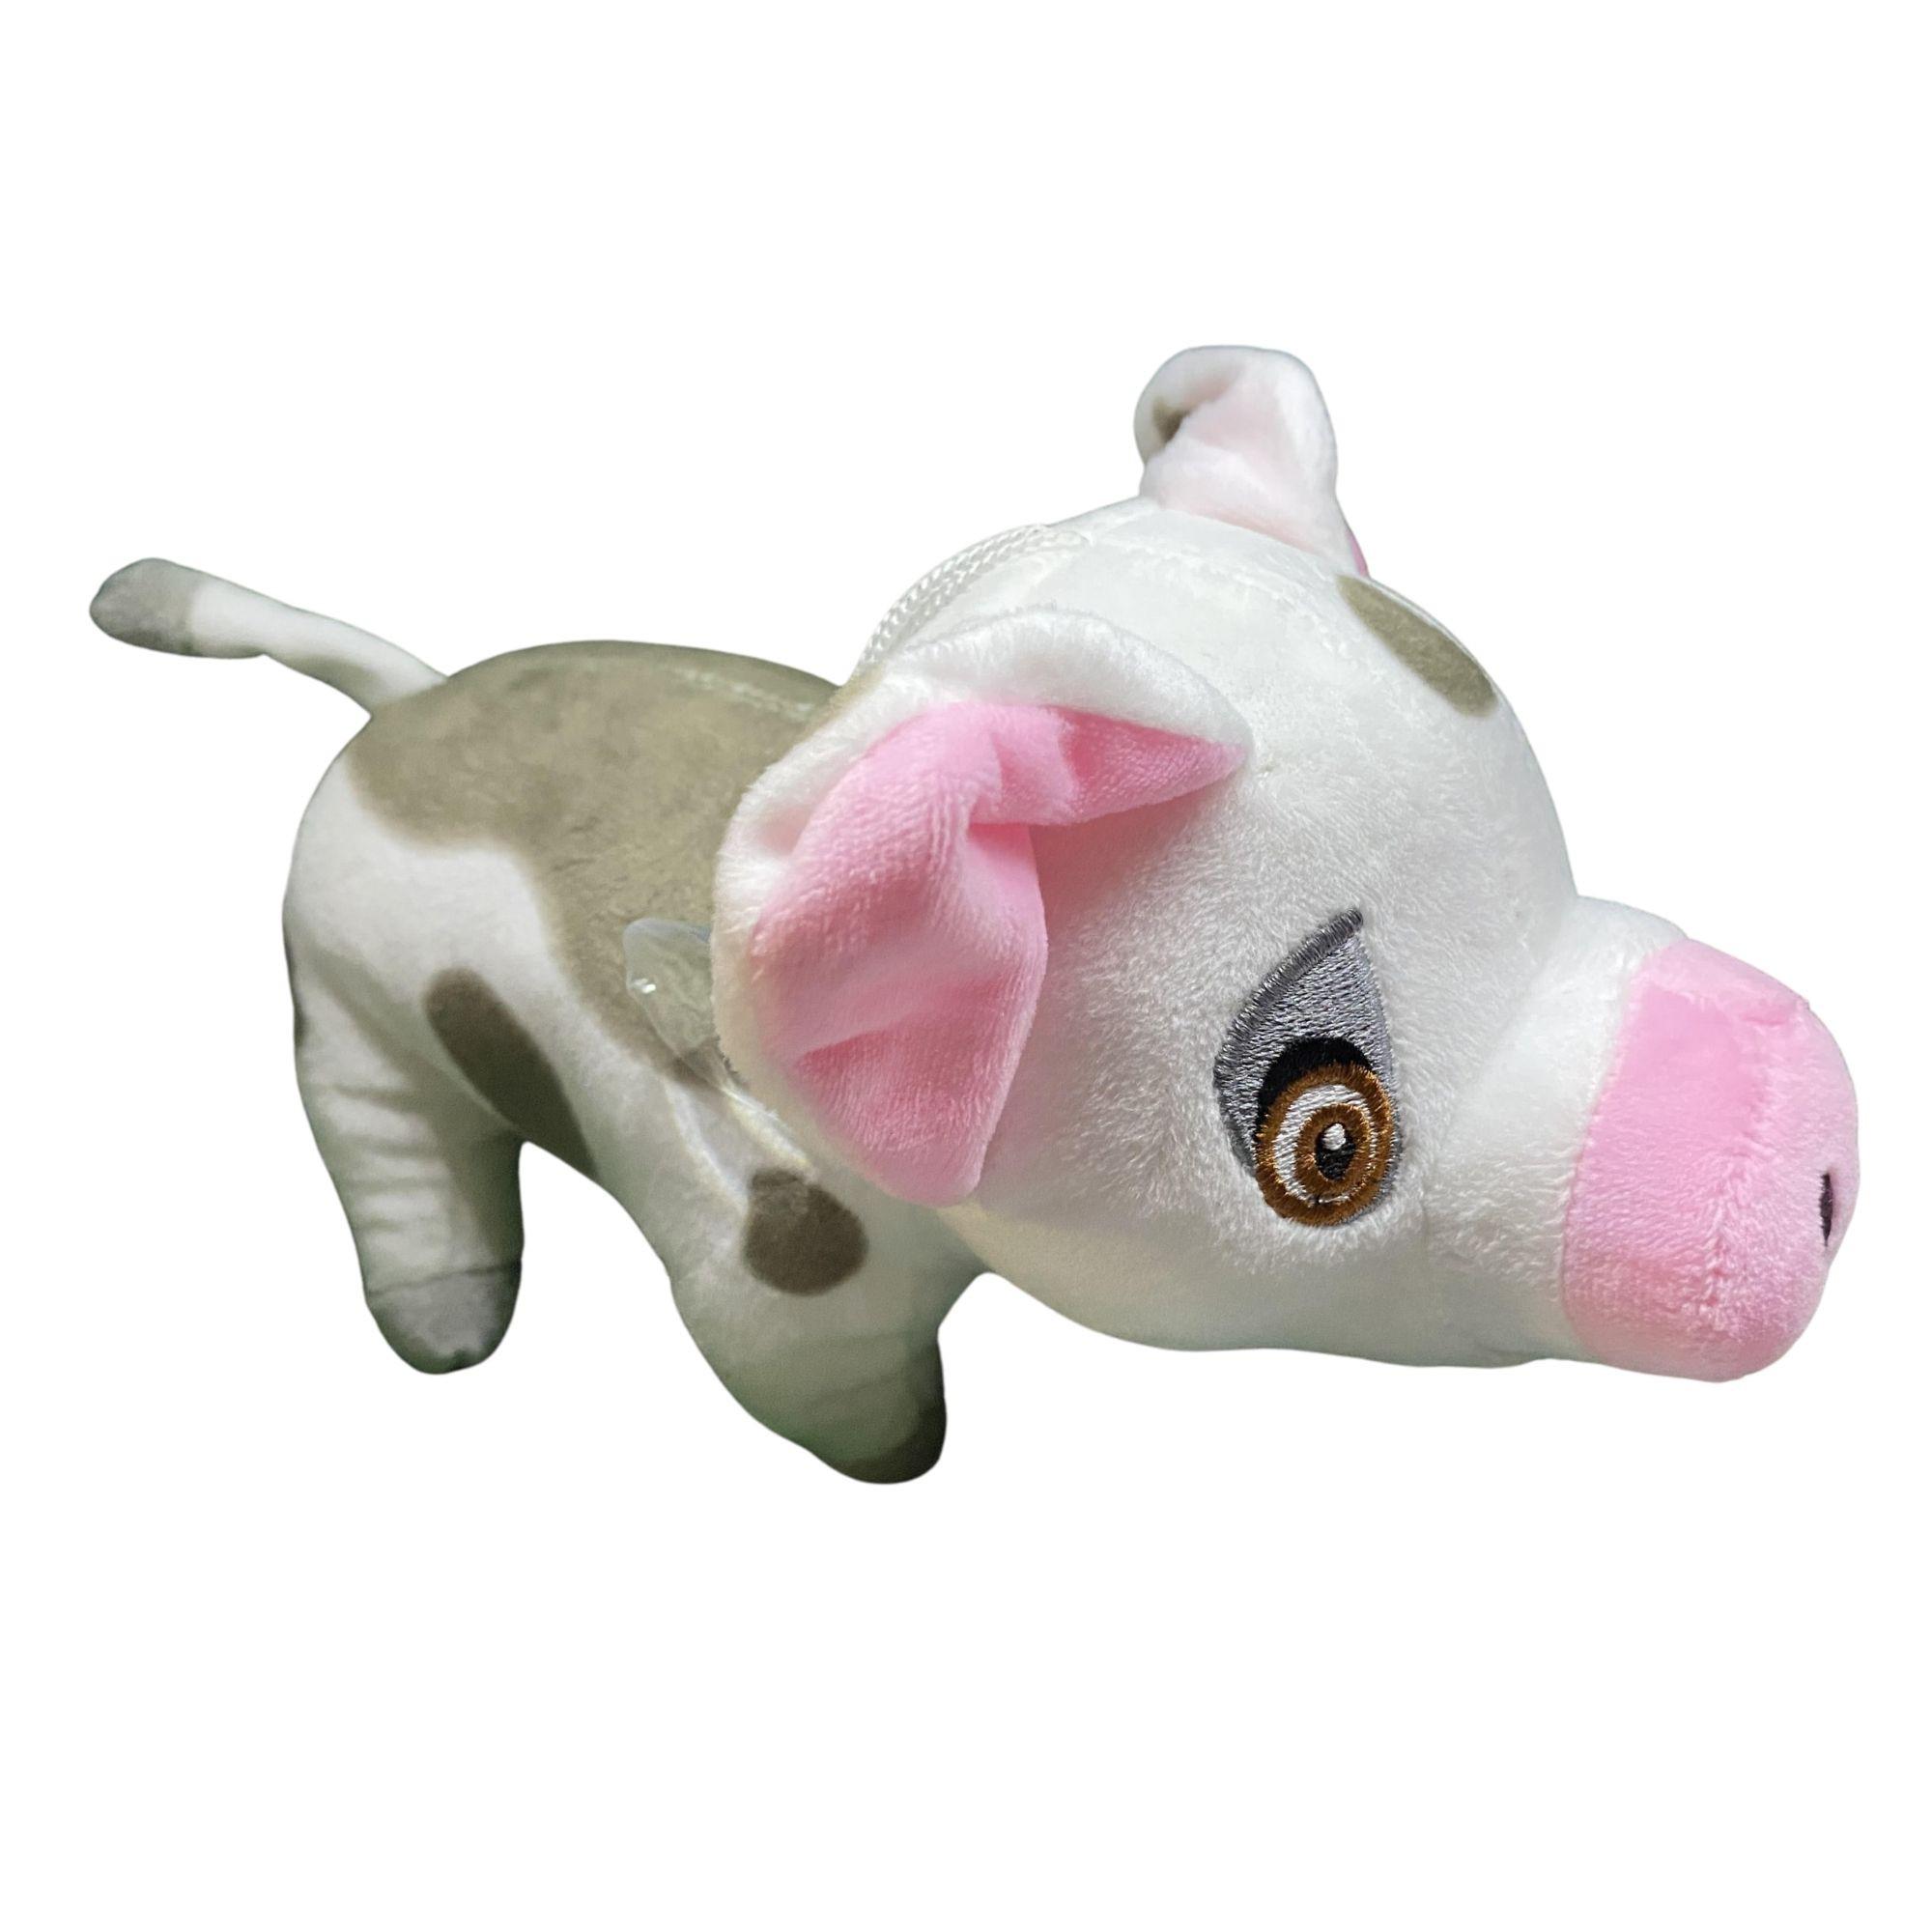 Puá da Moana Porquinho de Pelúcia 23 cm  - Game Land Brinquedos